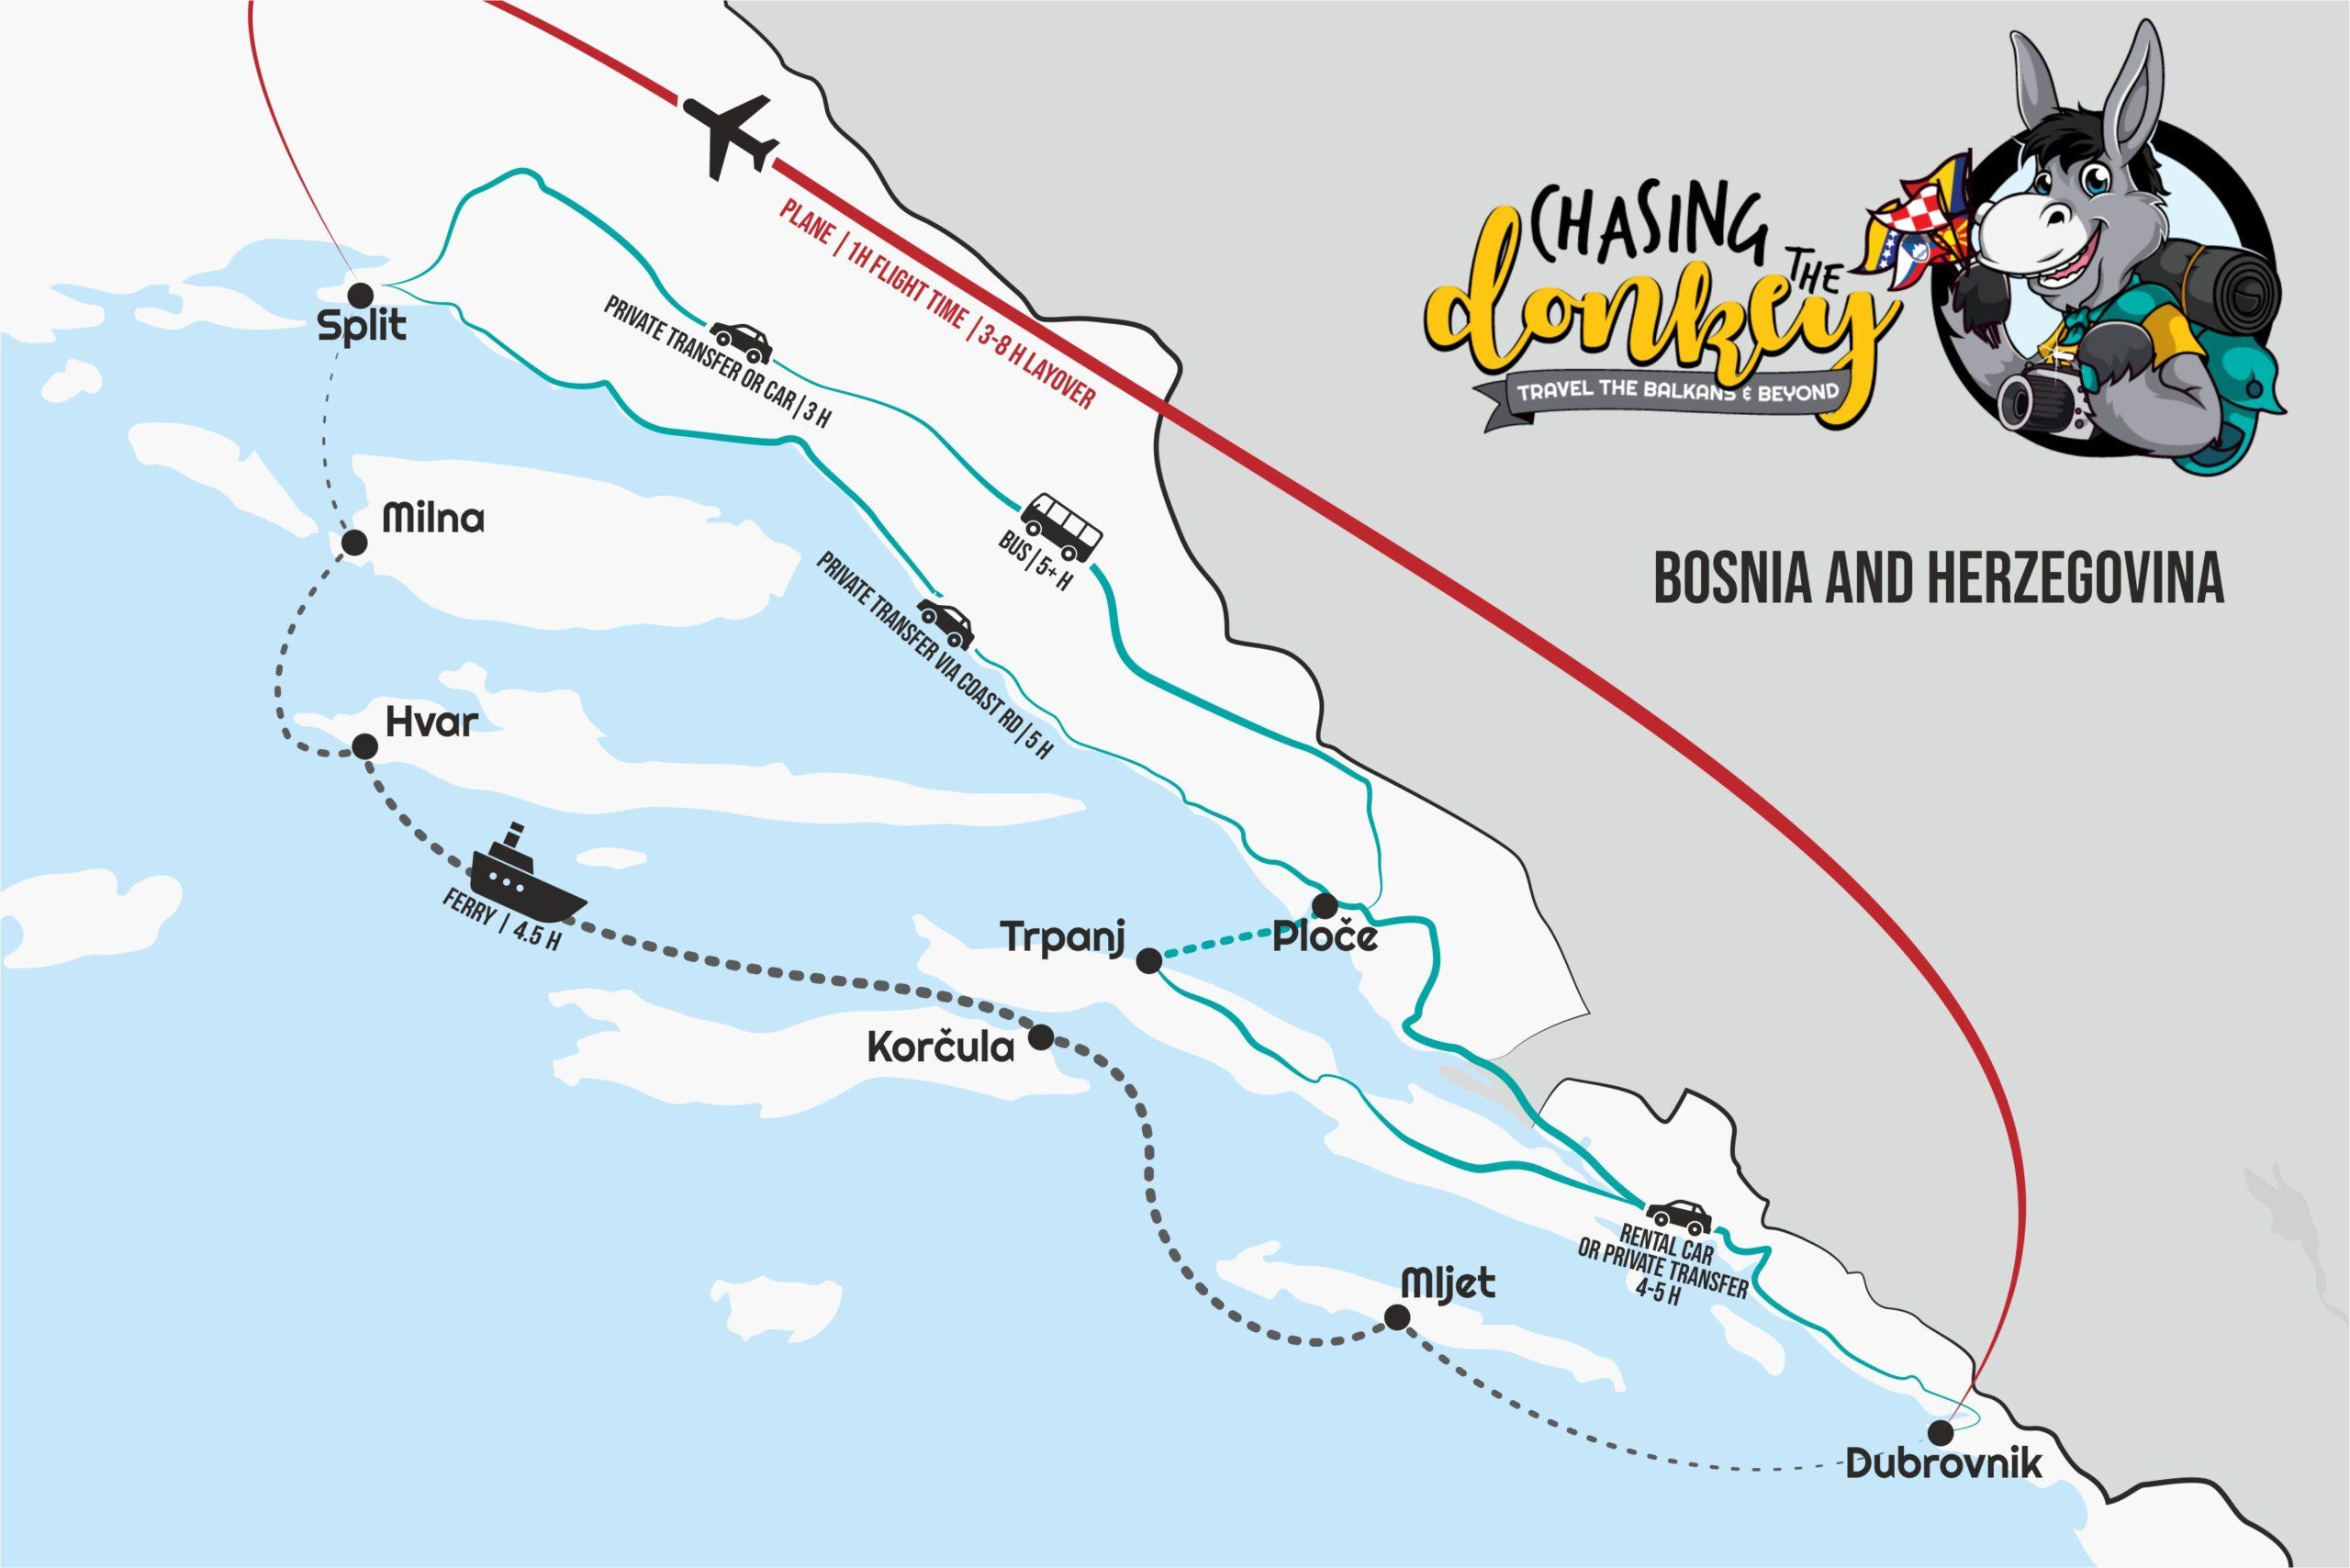 2021年从斯普利特去杜布罗夫尼克和从杜布罗夫尼克去斯普利特的指南 | 追驴网